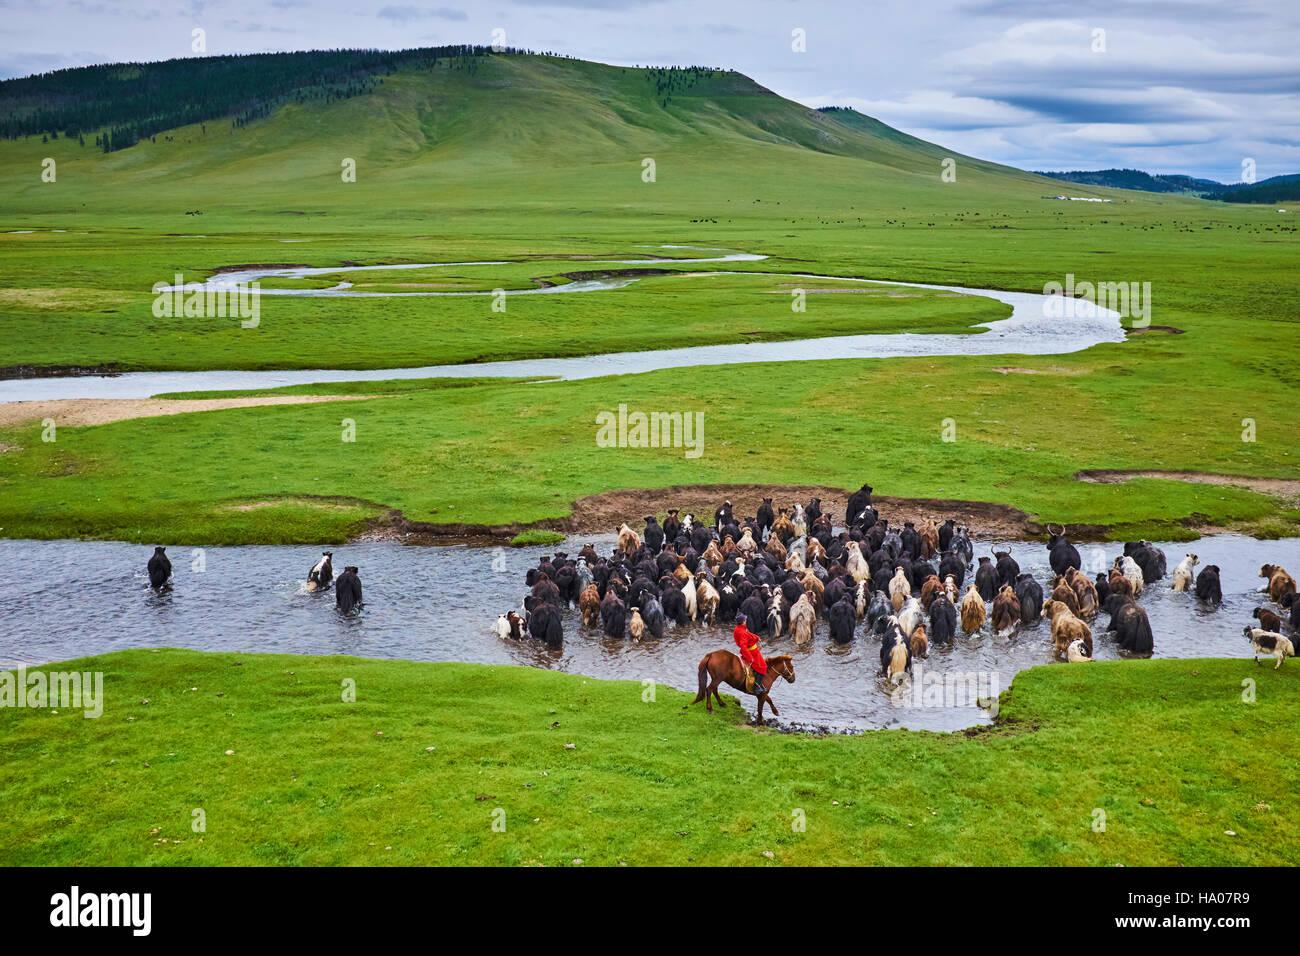 Mongolia, Arkhangai province,  Mongolian horserider with a herd of yaks - Stock Image